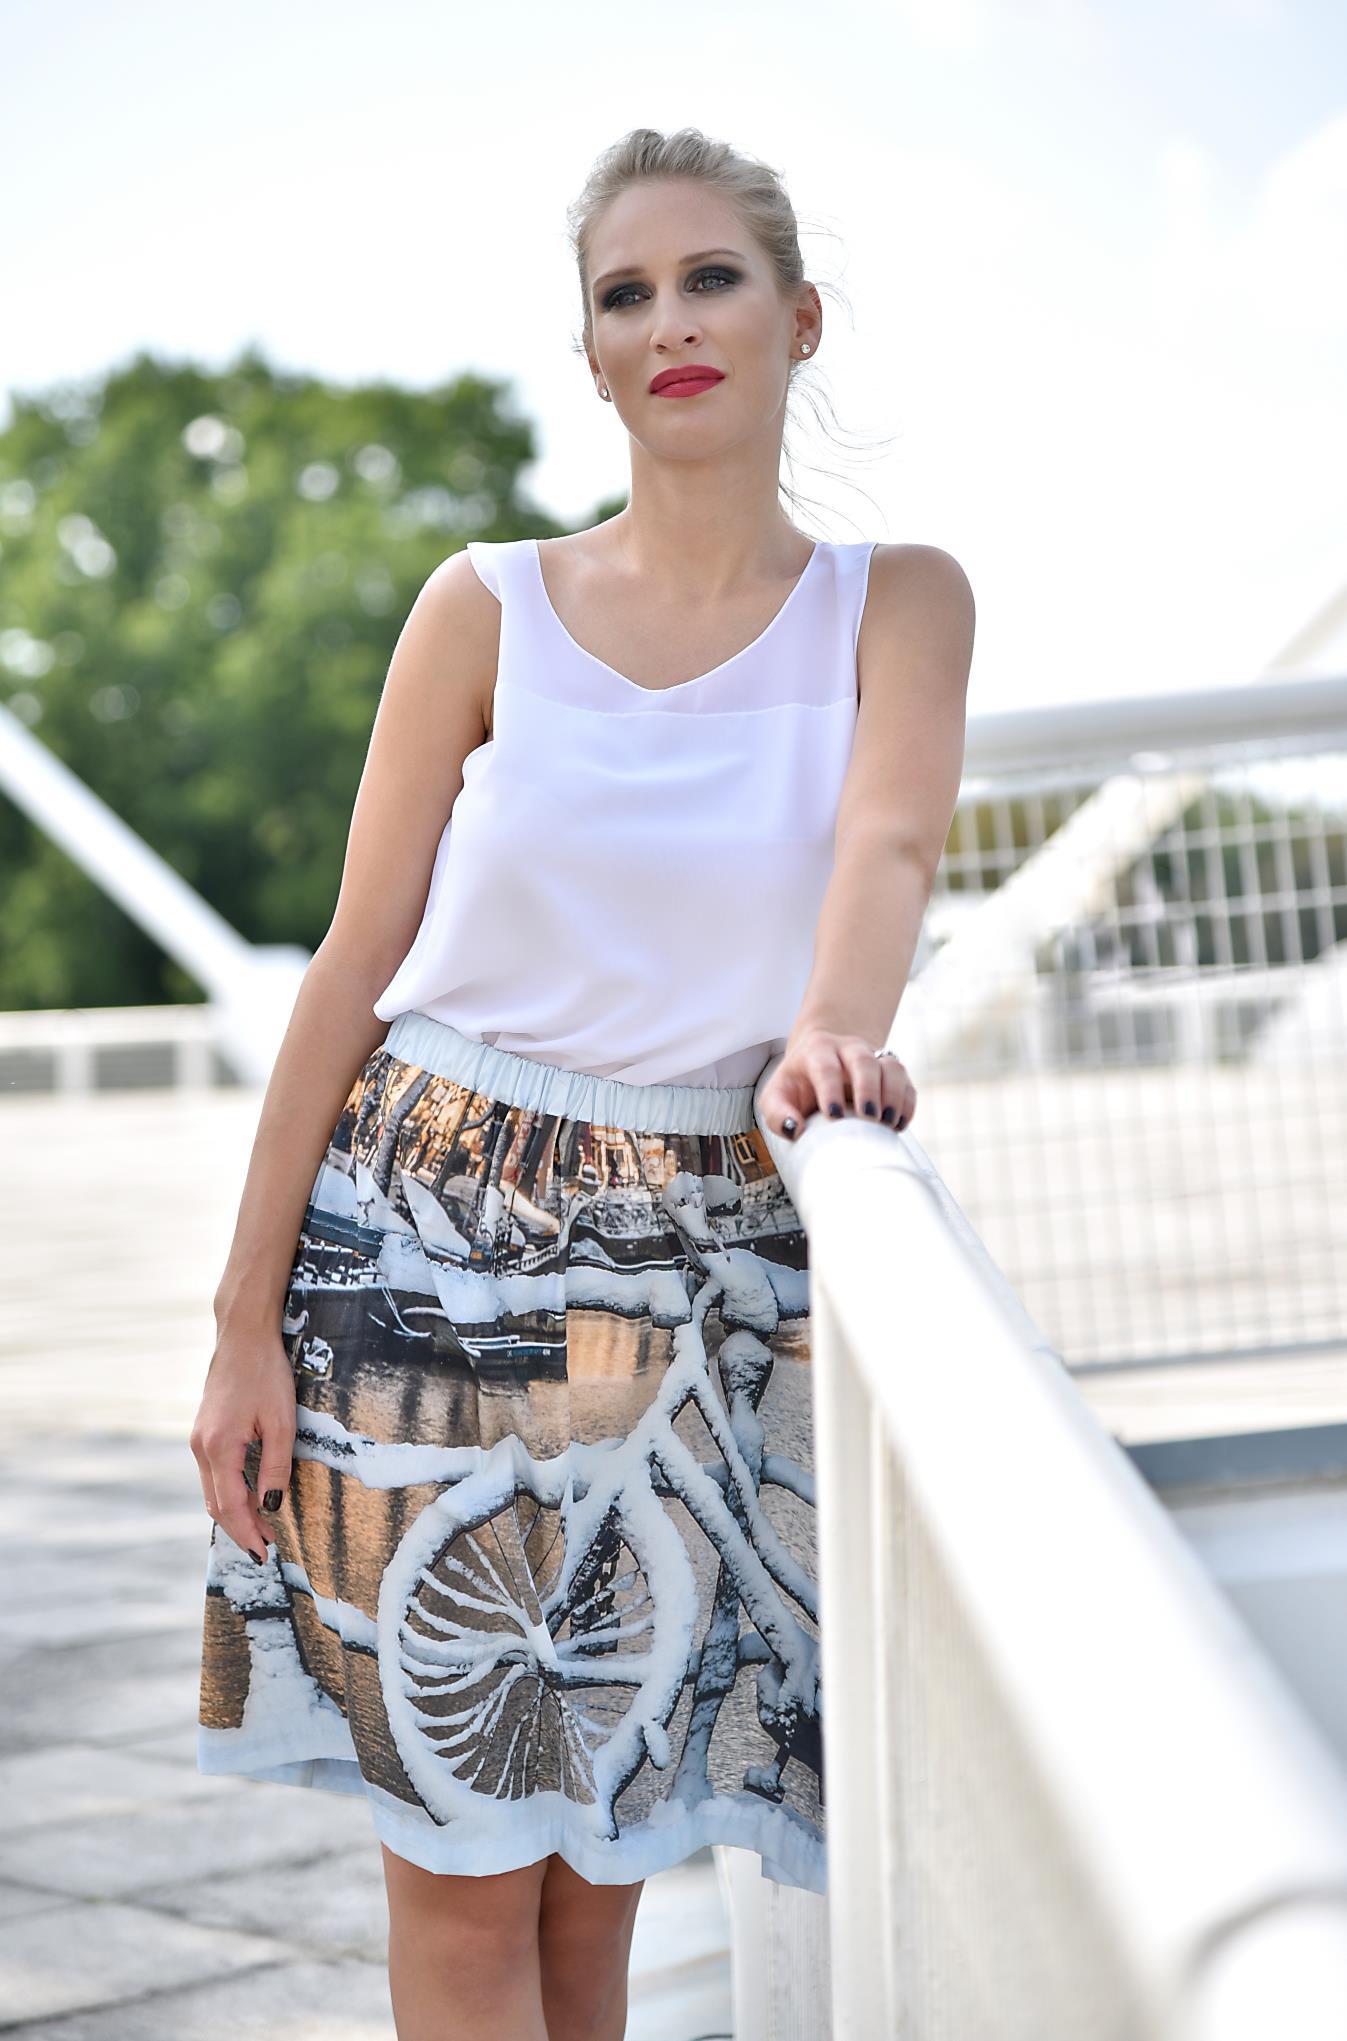 Fotografie pro model – Sukně sholandským motivem